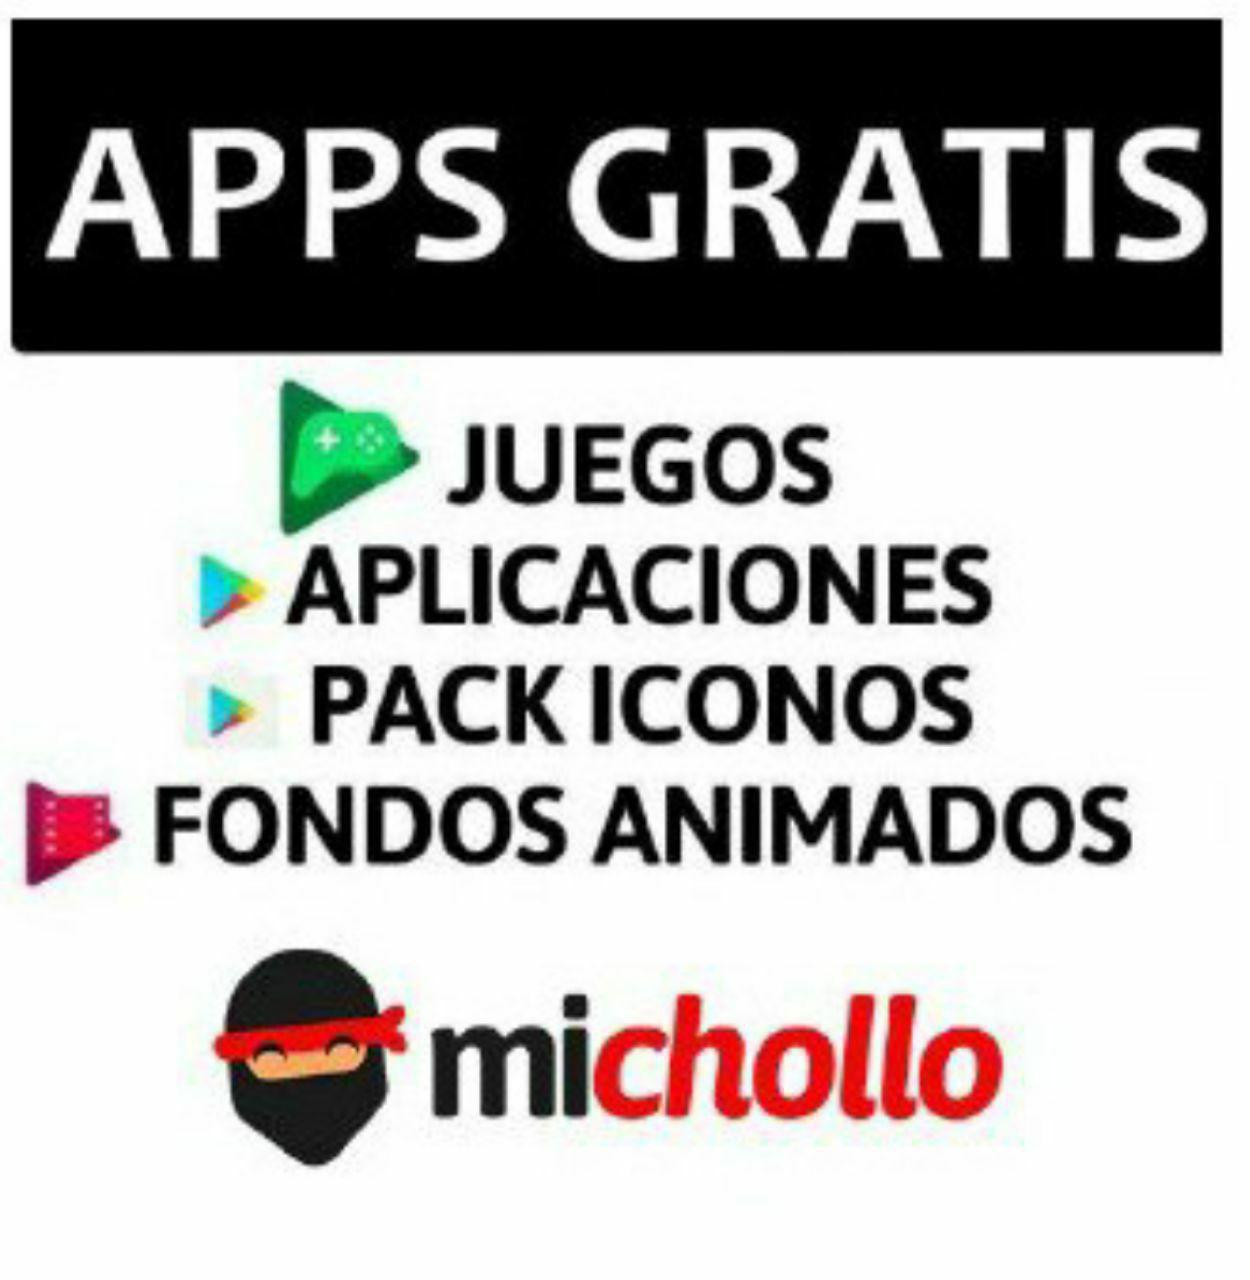 Mejores Aplicaciones y Juegos GRATIS · Android e iOS